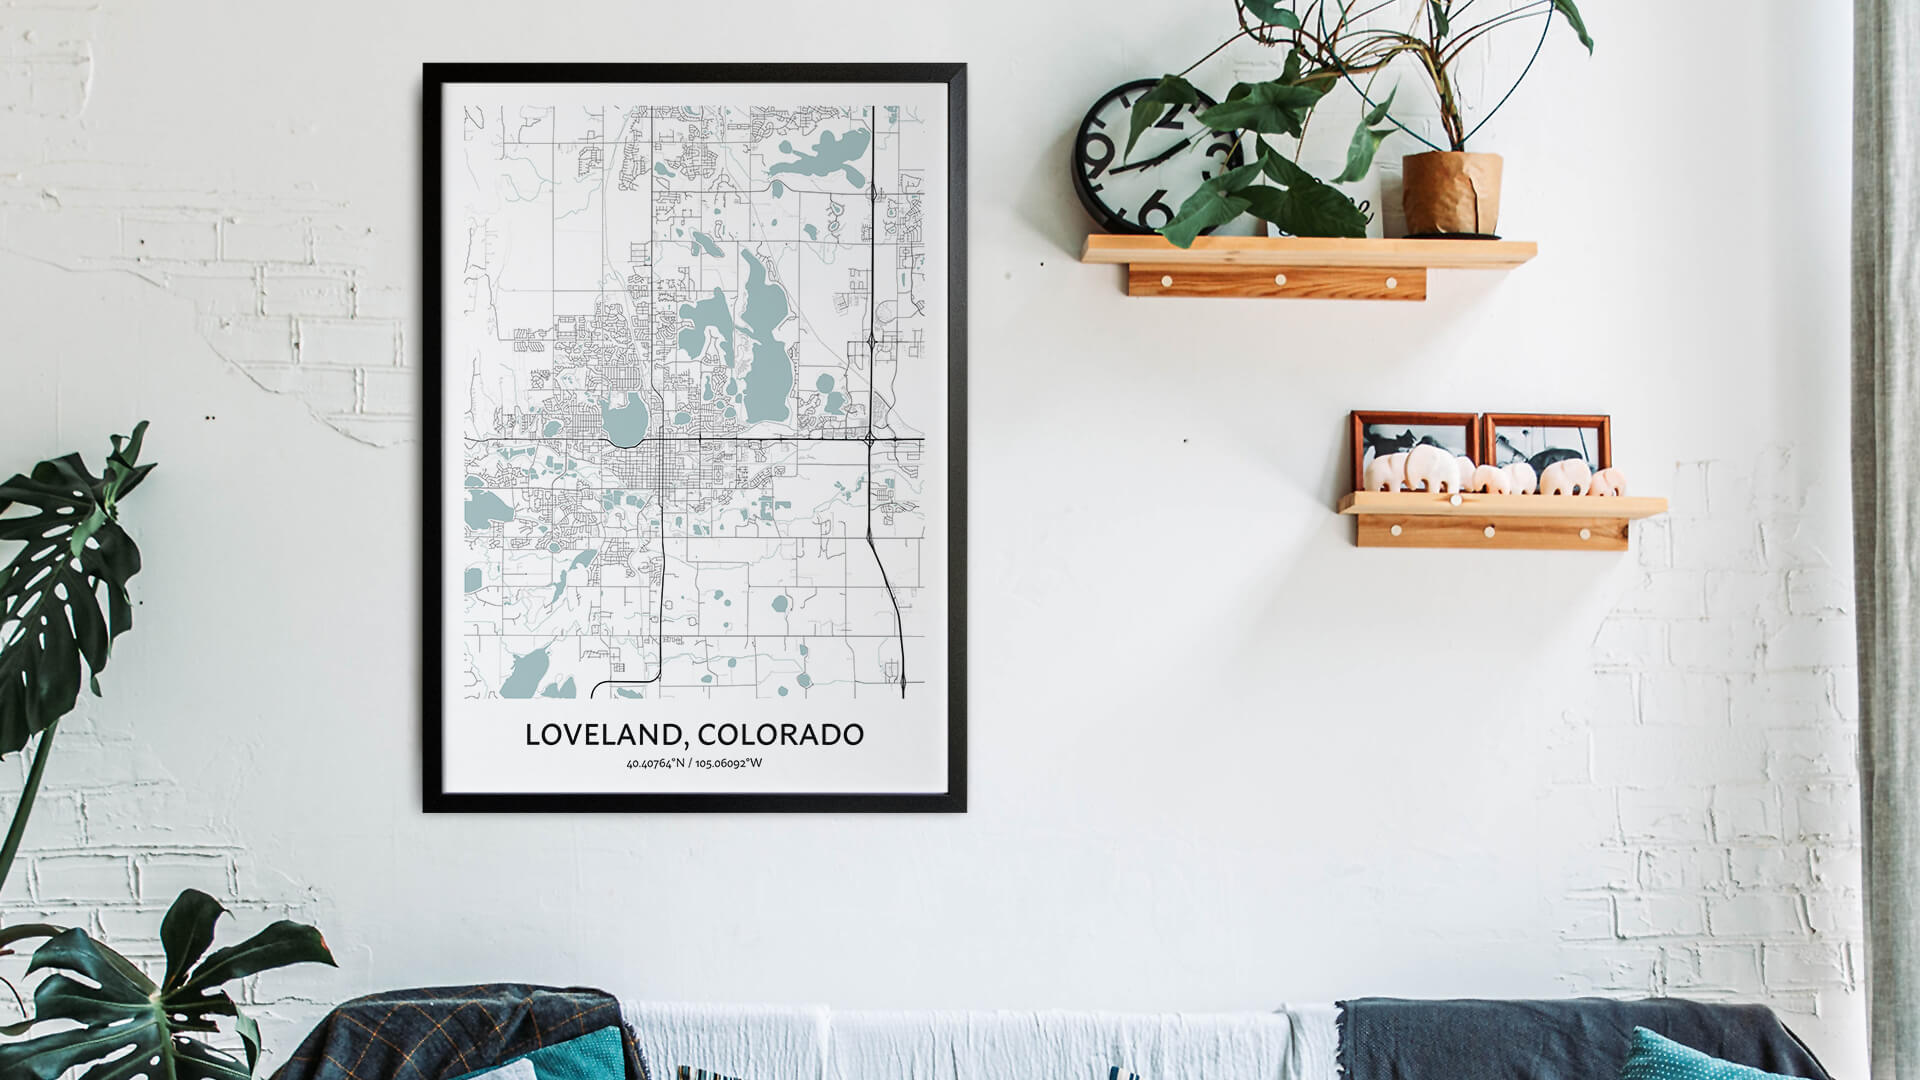 Loveland map art